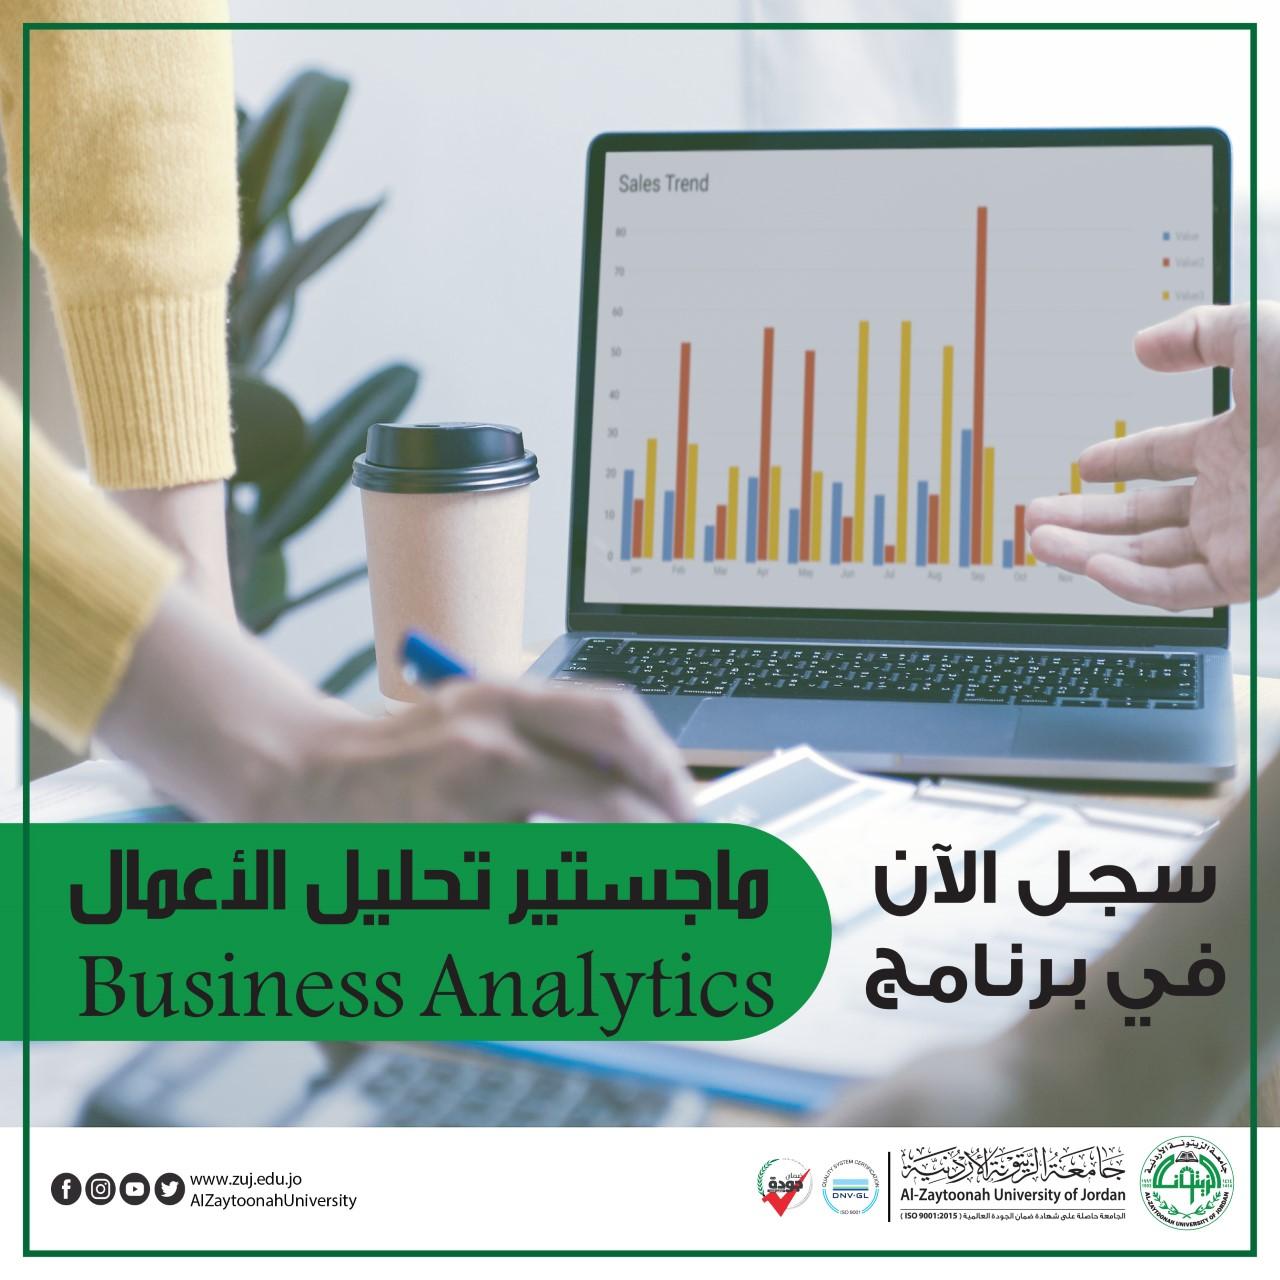 جامعة الزيتونة الأردنية تستحدث تخصص ماجستير تحليل الأعمال